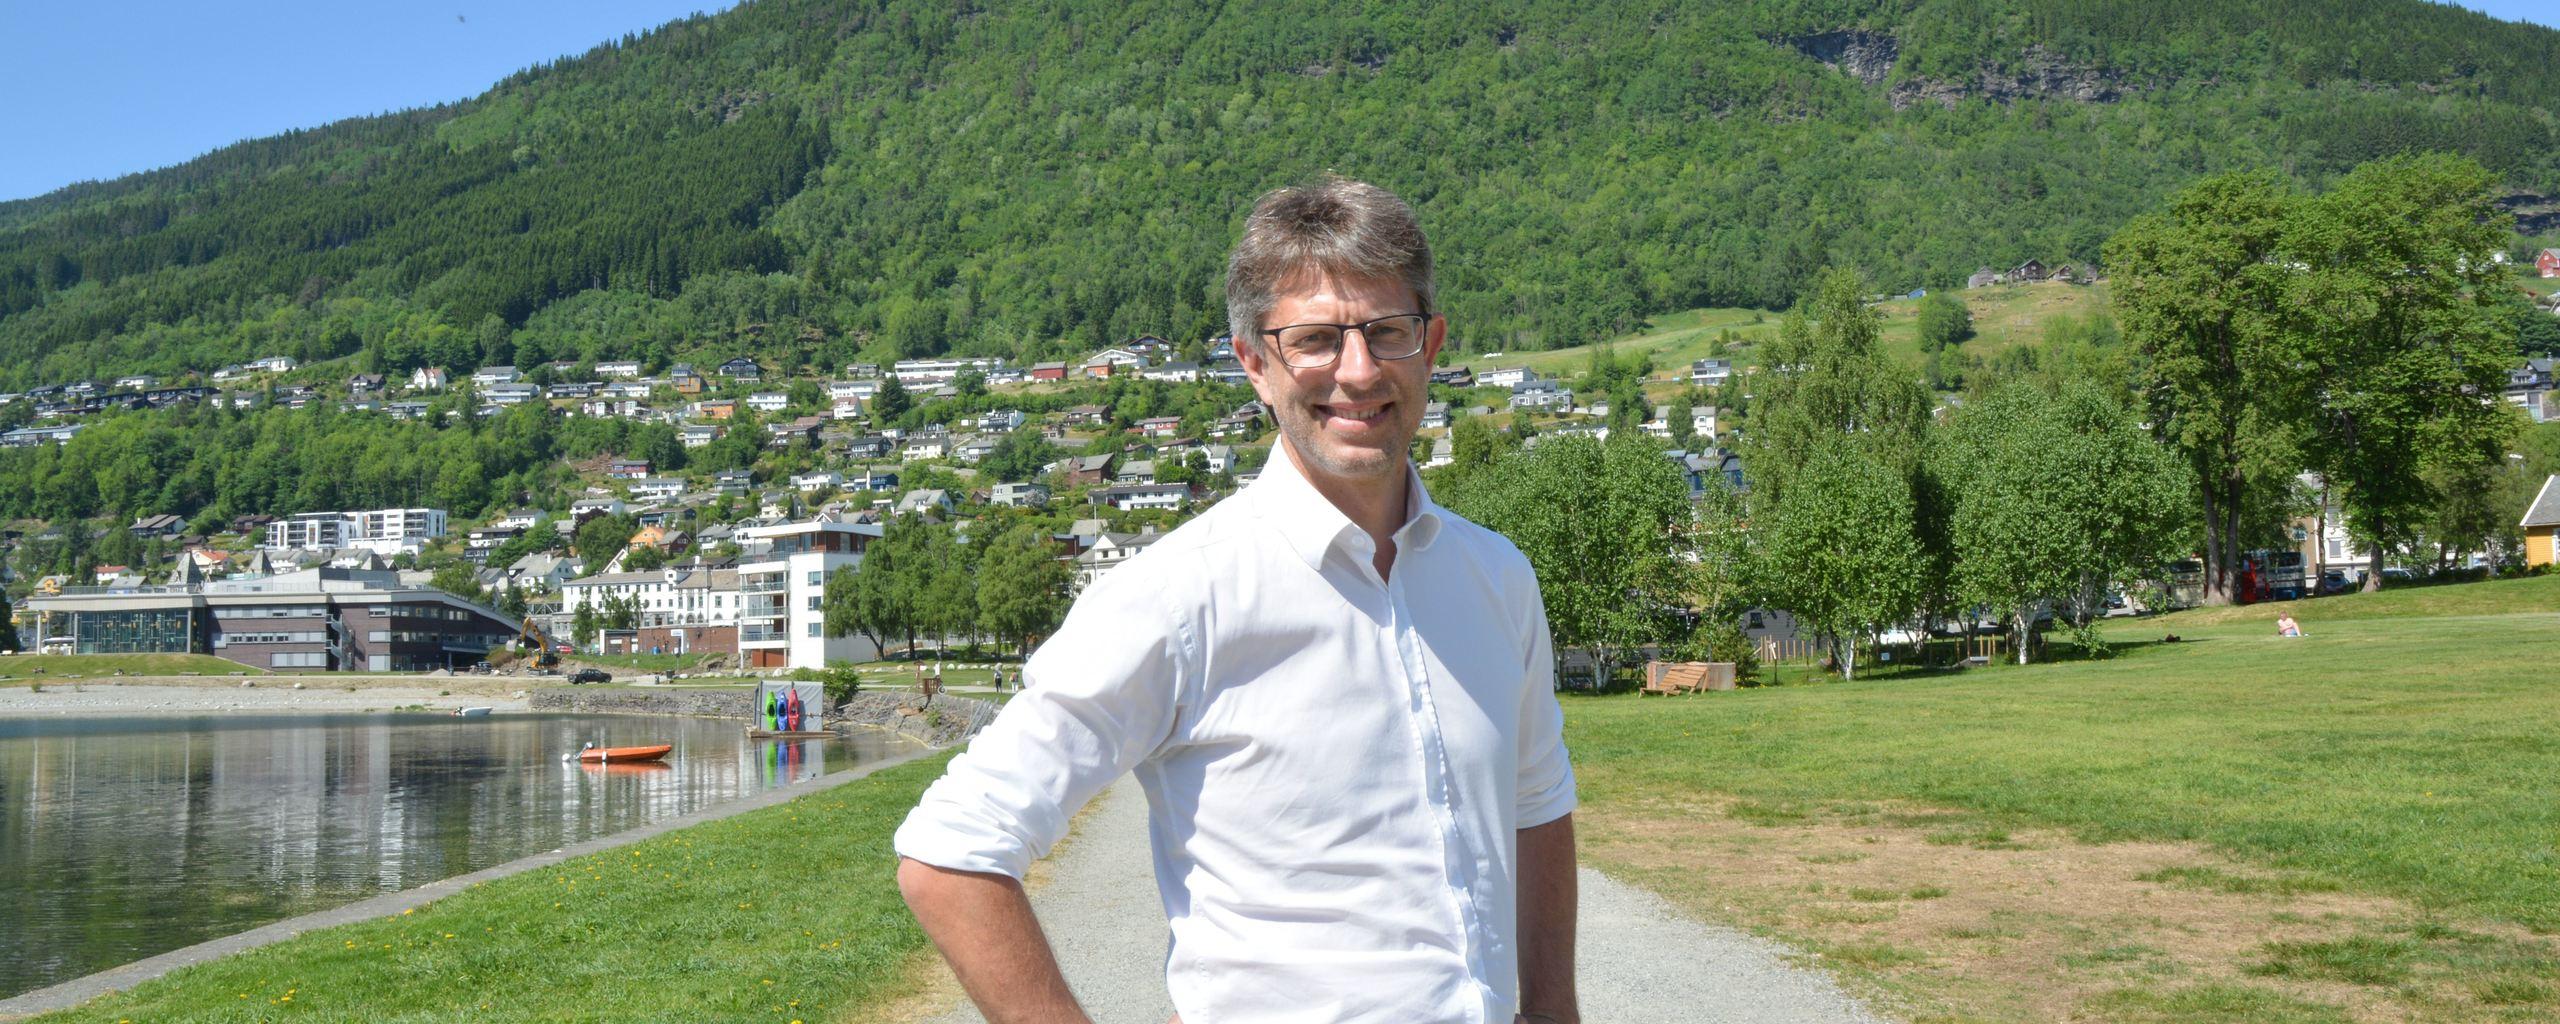 Mayor of Voss, Hans-Erik Ringkjøb